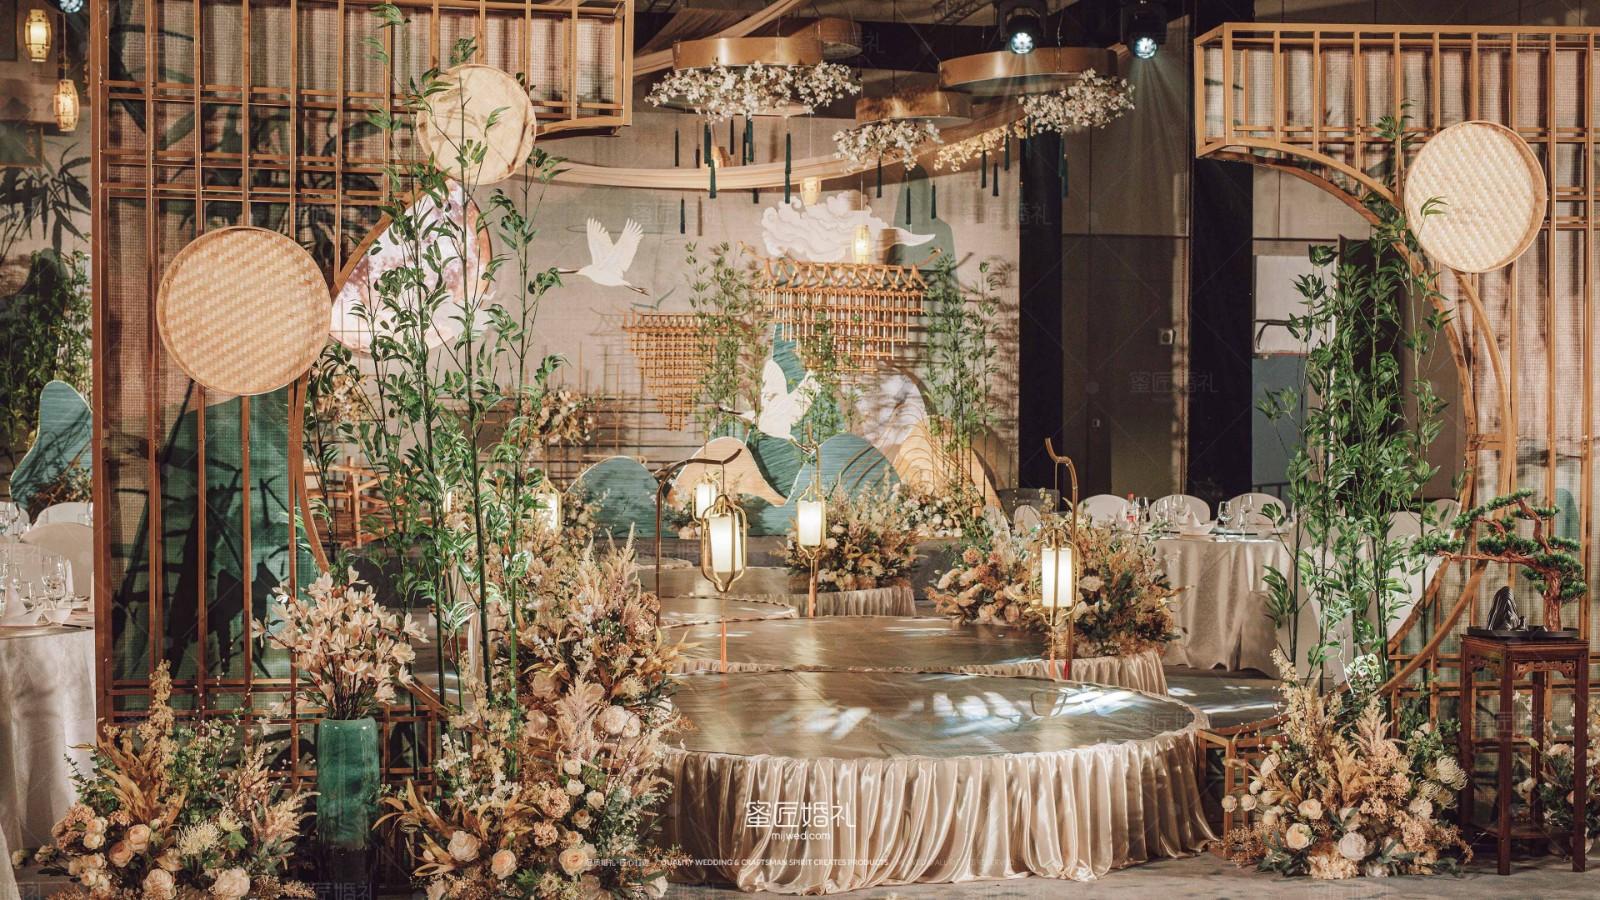 小清新庭院风格婚礼现场 小清新中式风格婚礼推荐